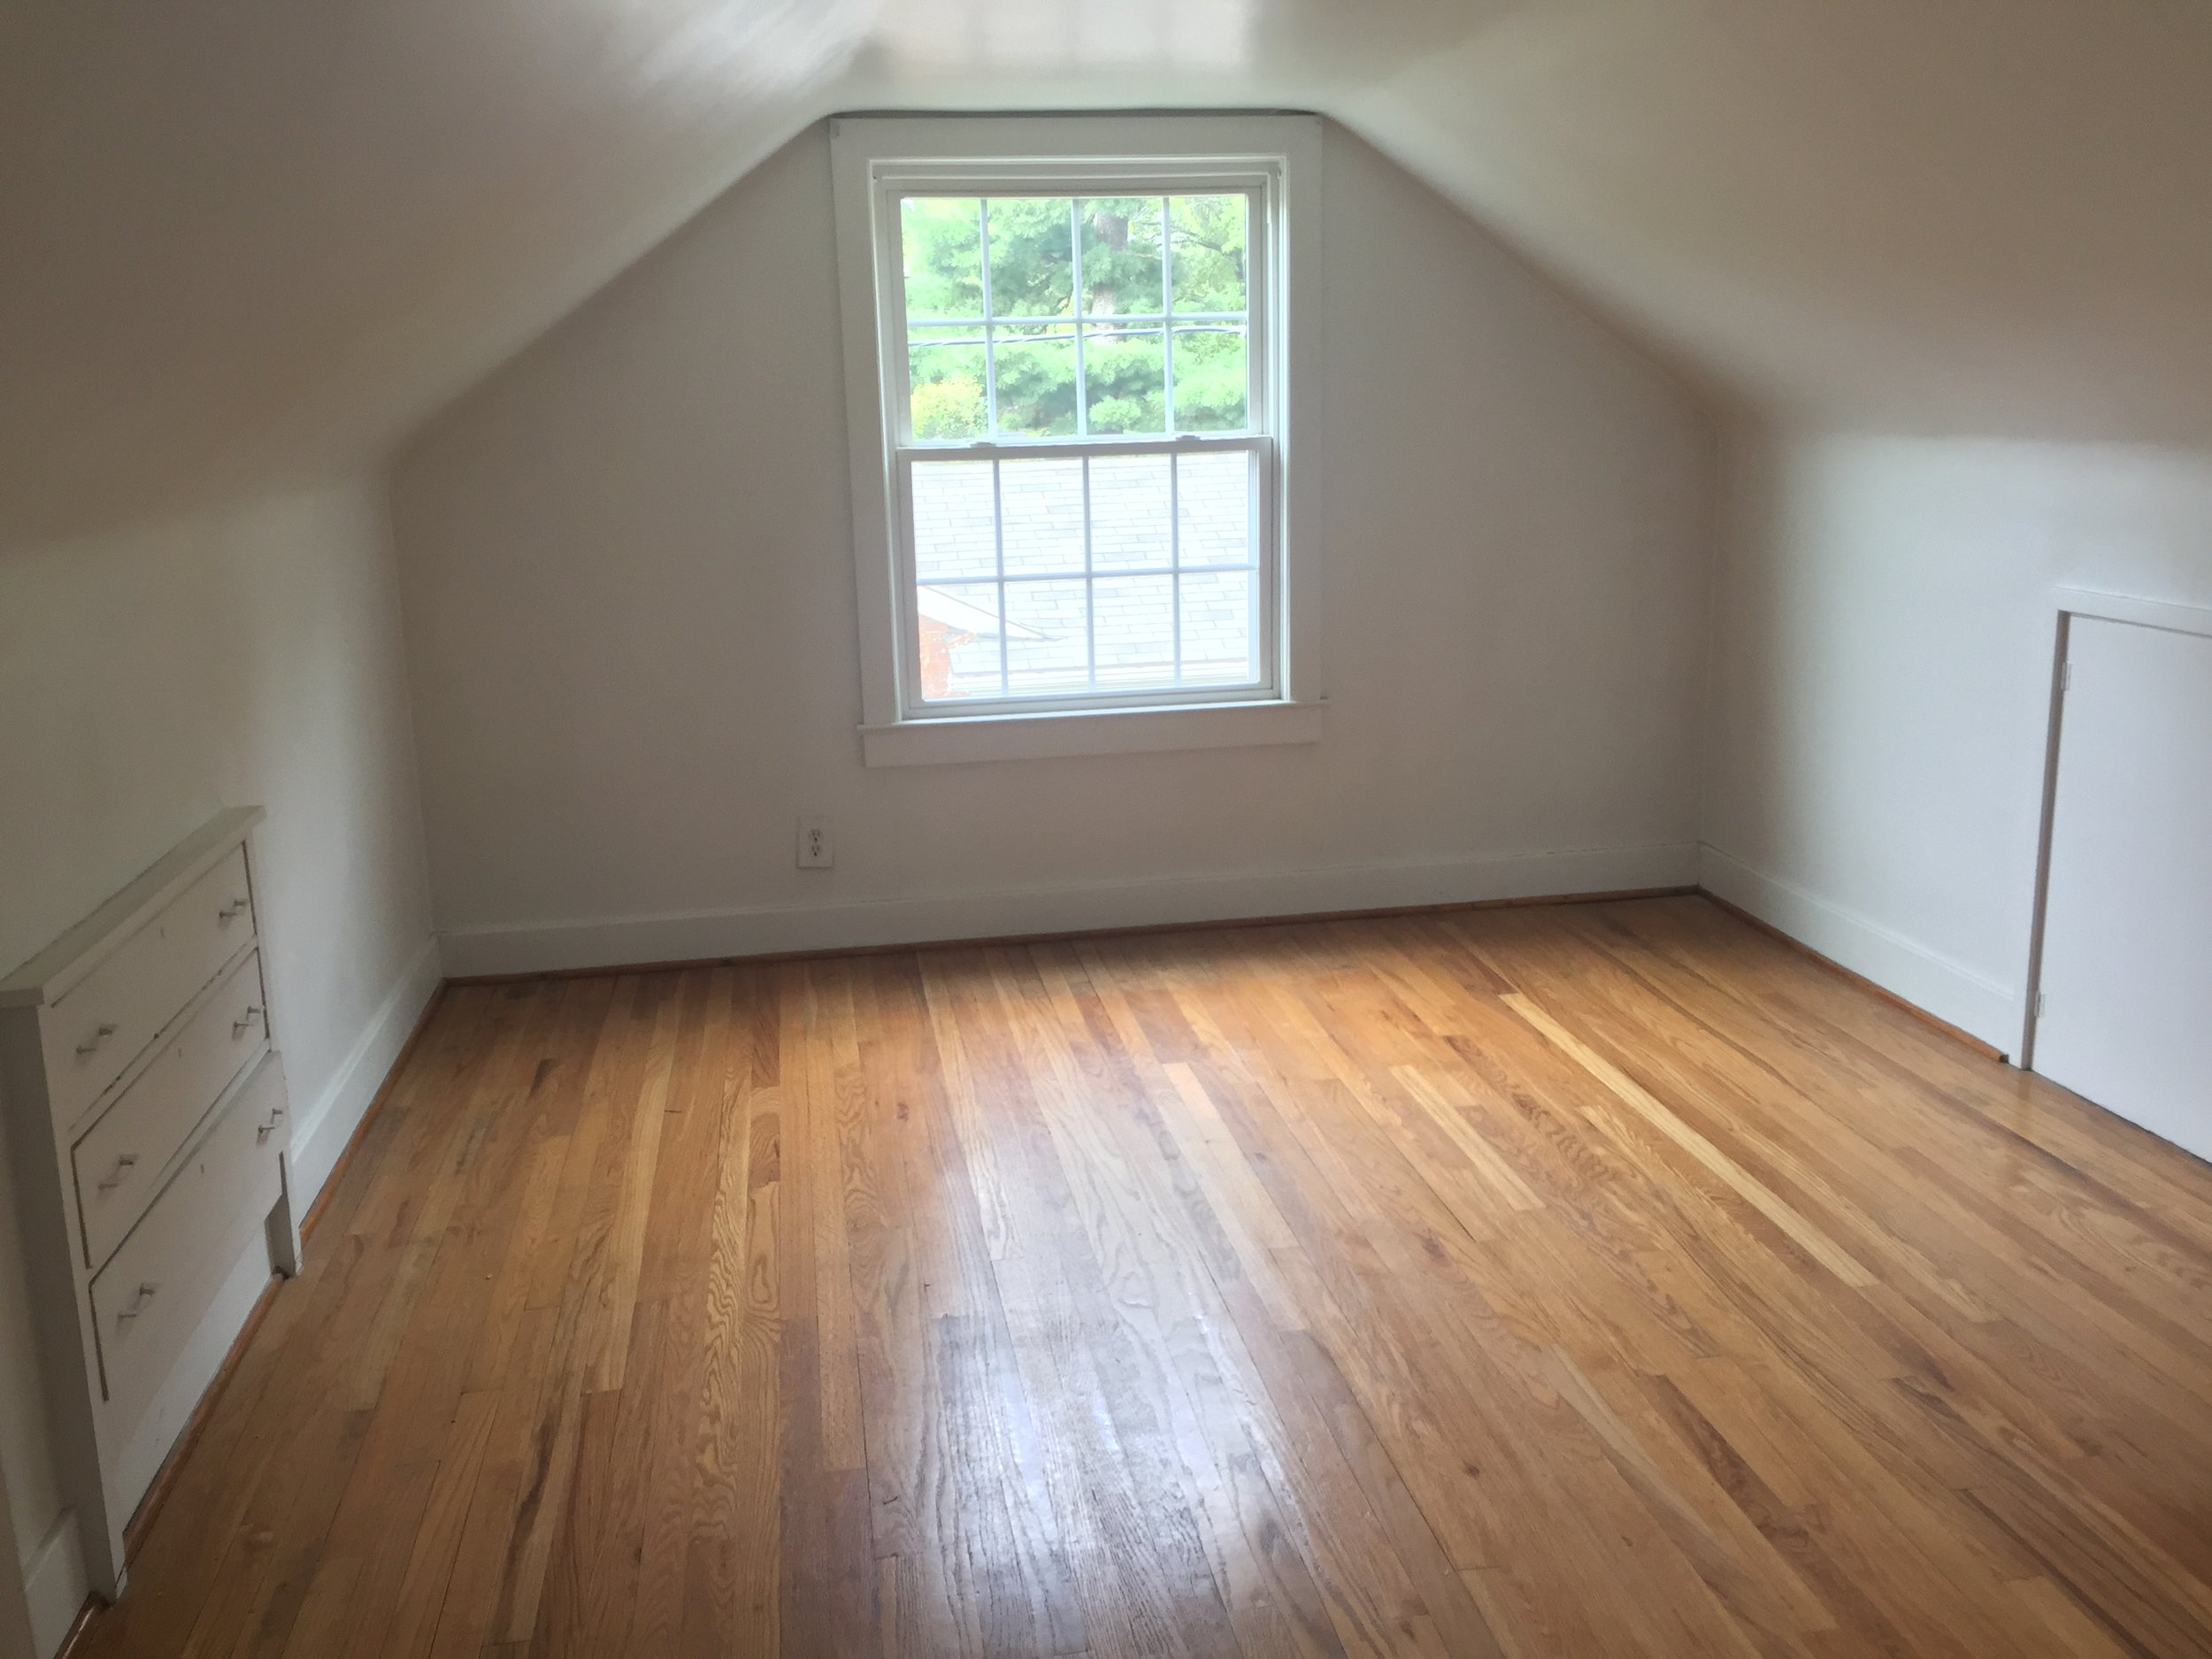 Second floor, first bedroom